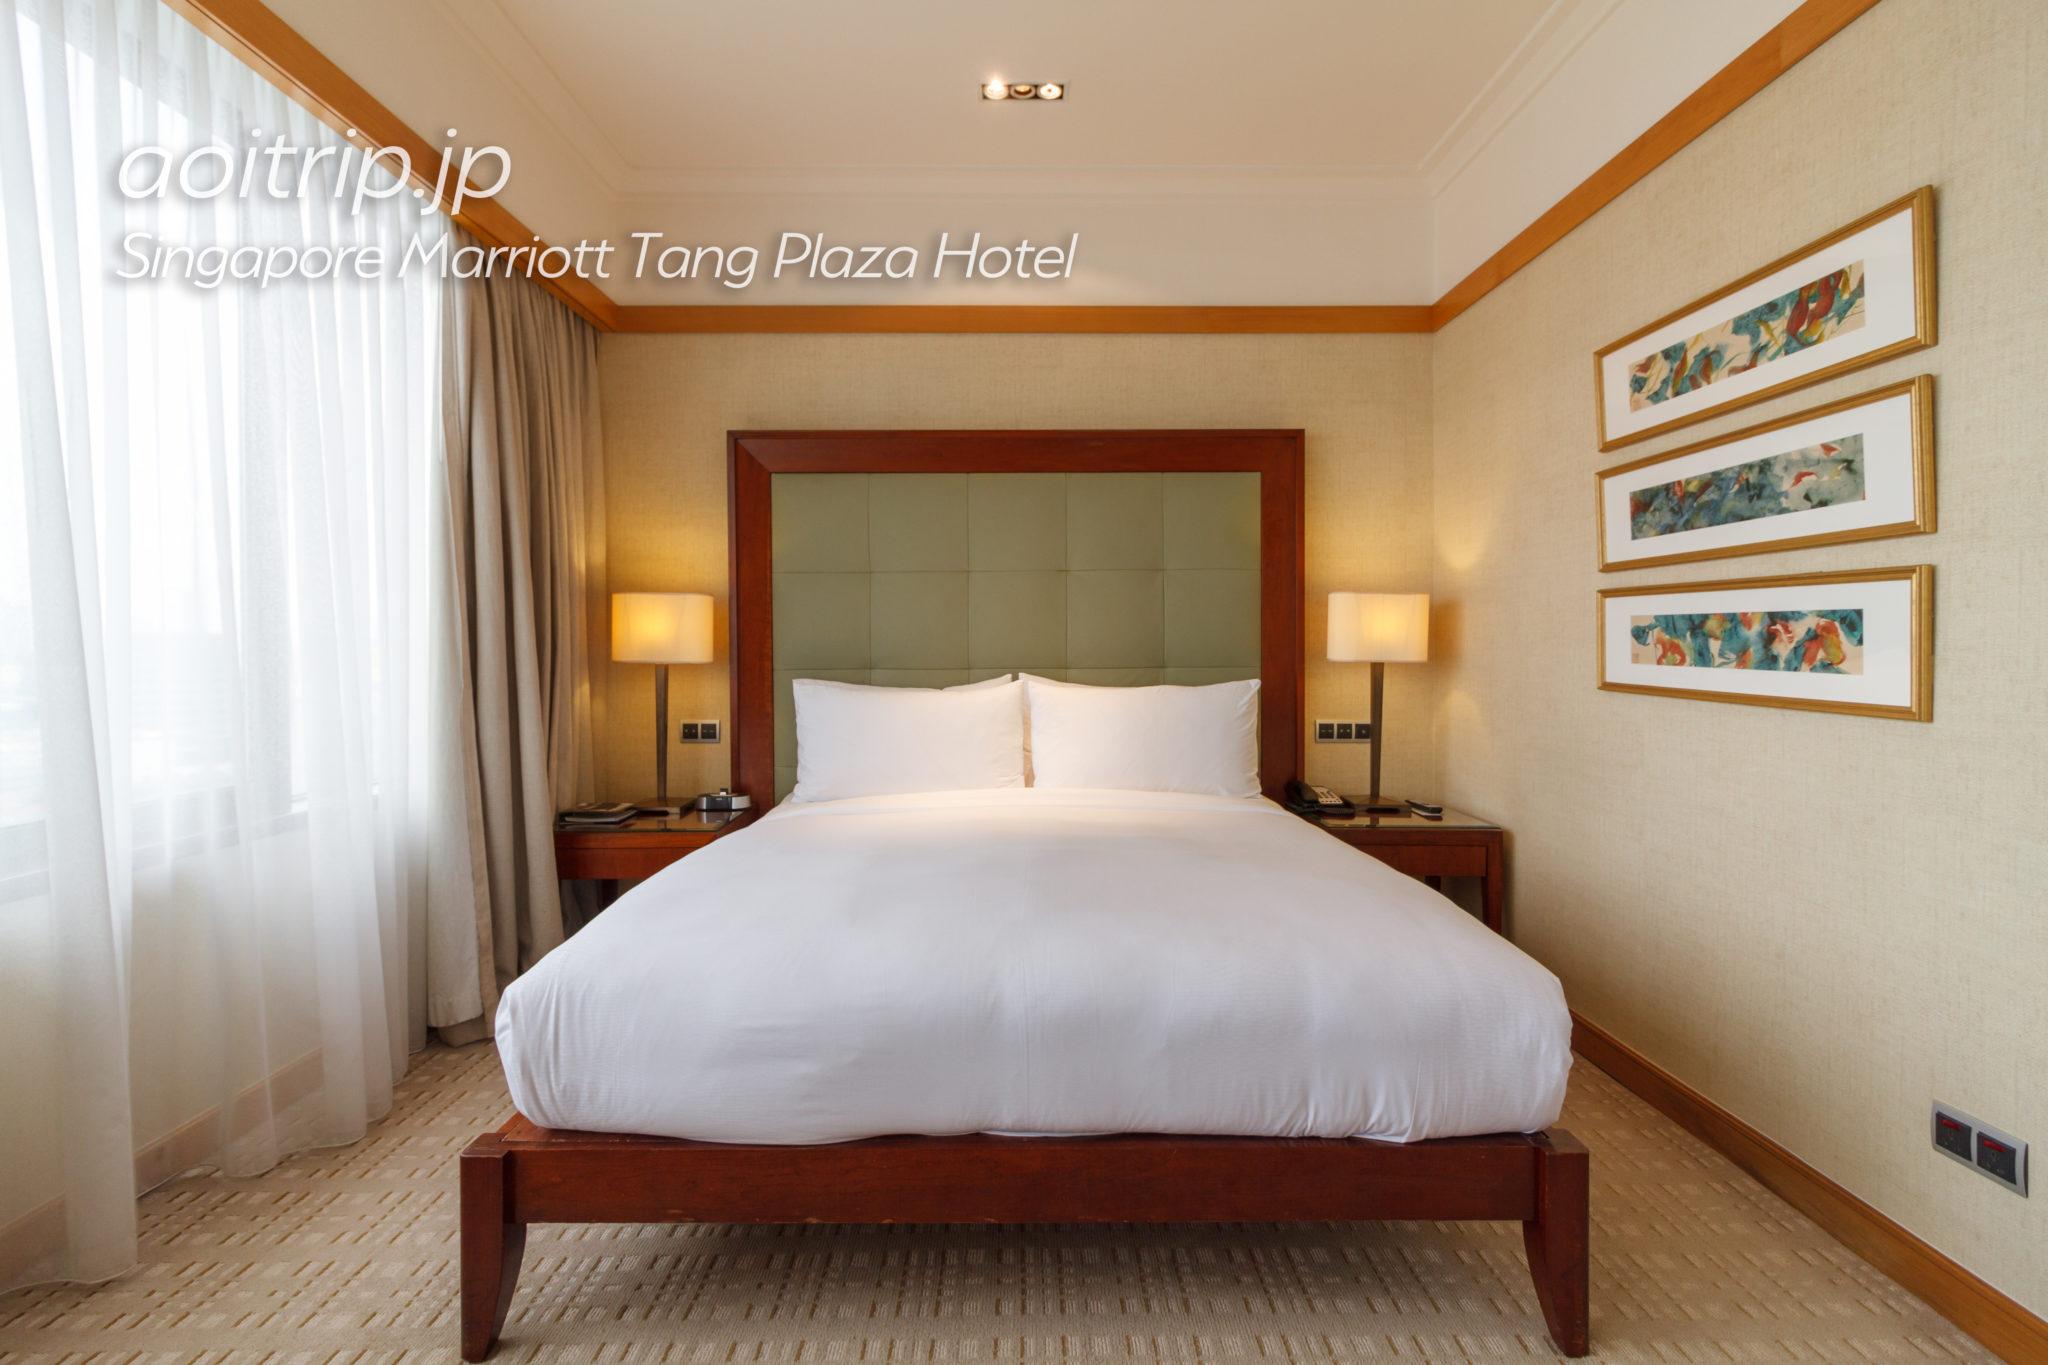 シンガポール マリオット タング プラザ ホテルのエグゼクティブルーム